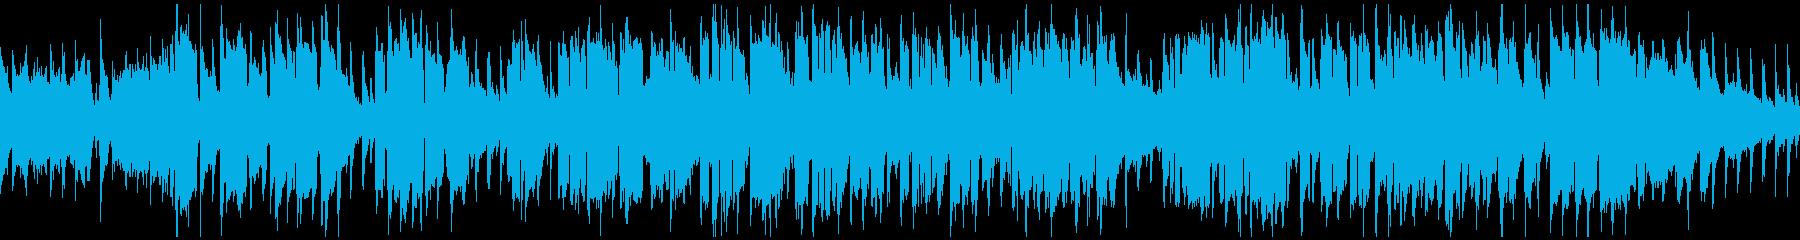 遠足ピクニック系の楽しいBGM※ループ版の再生済みの波形